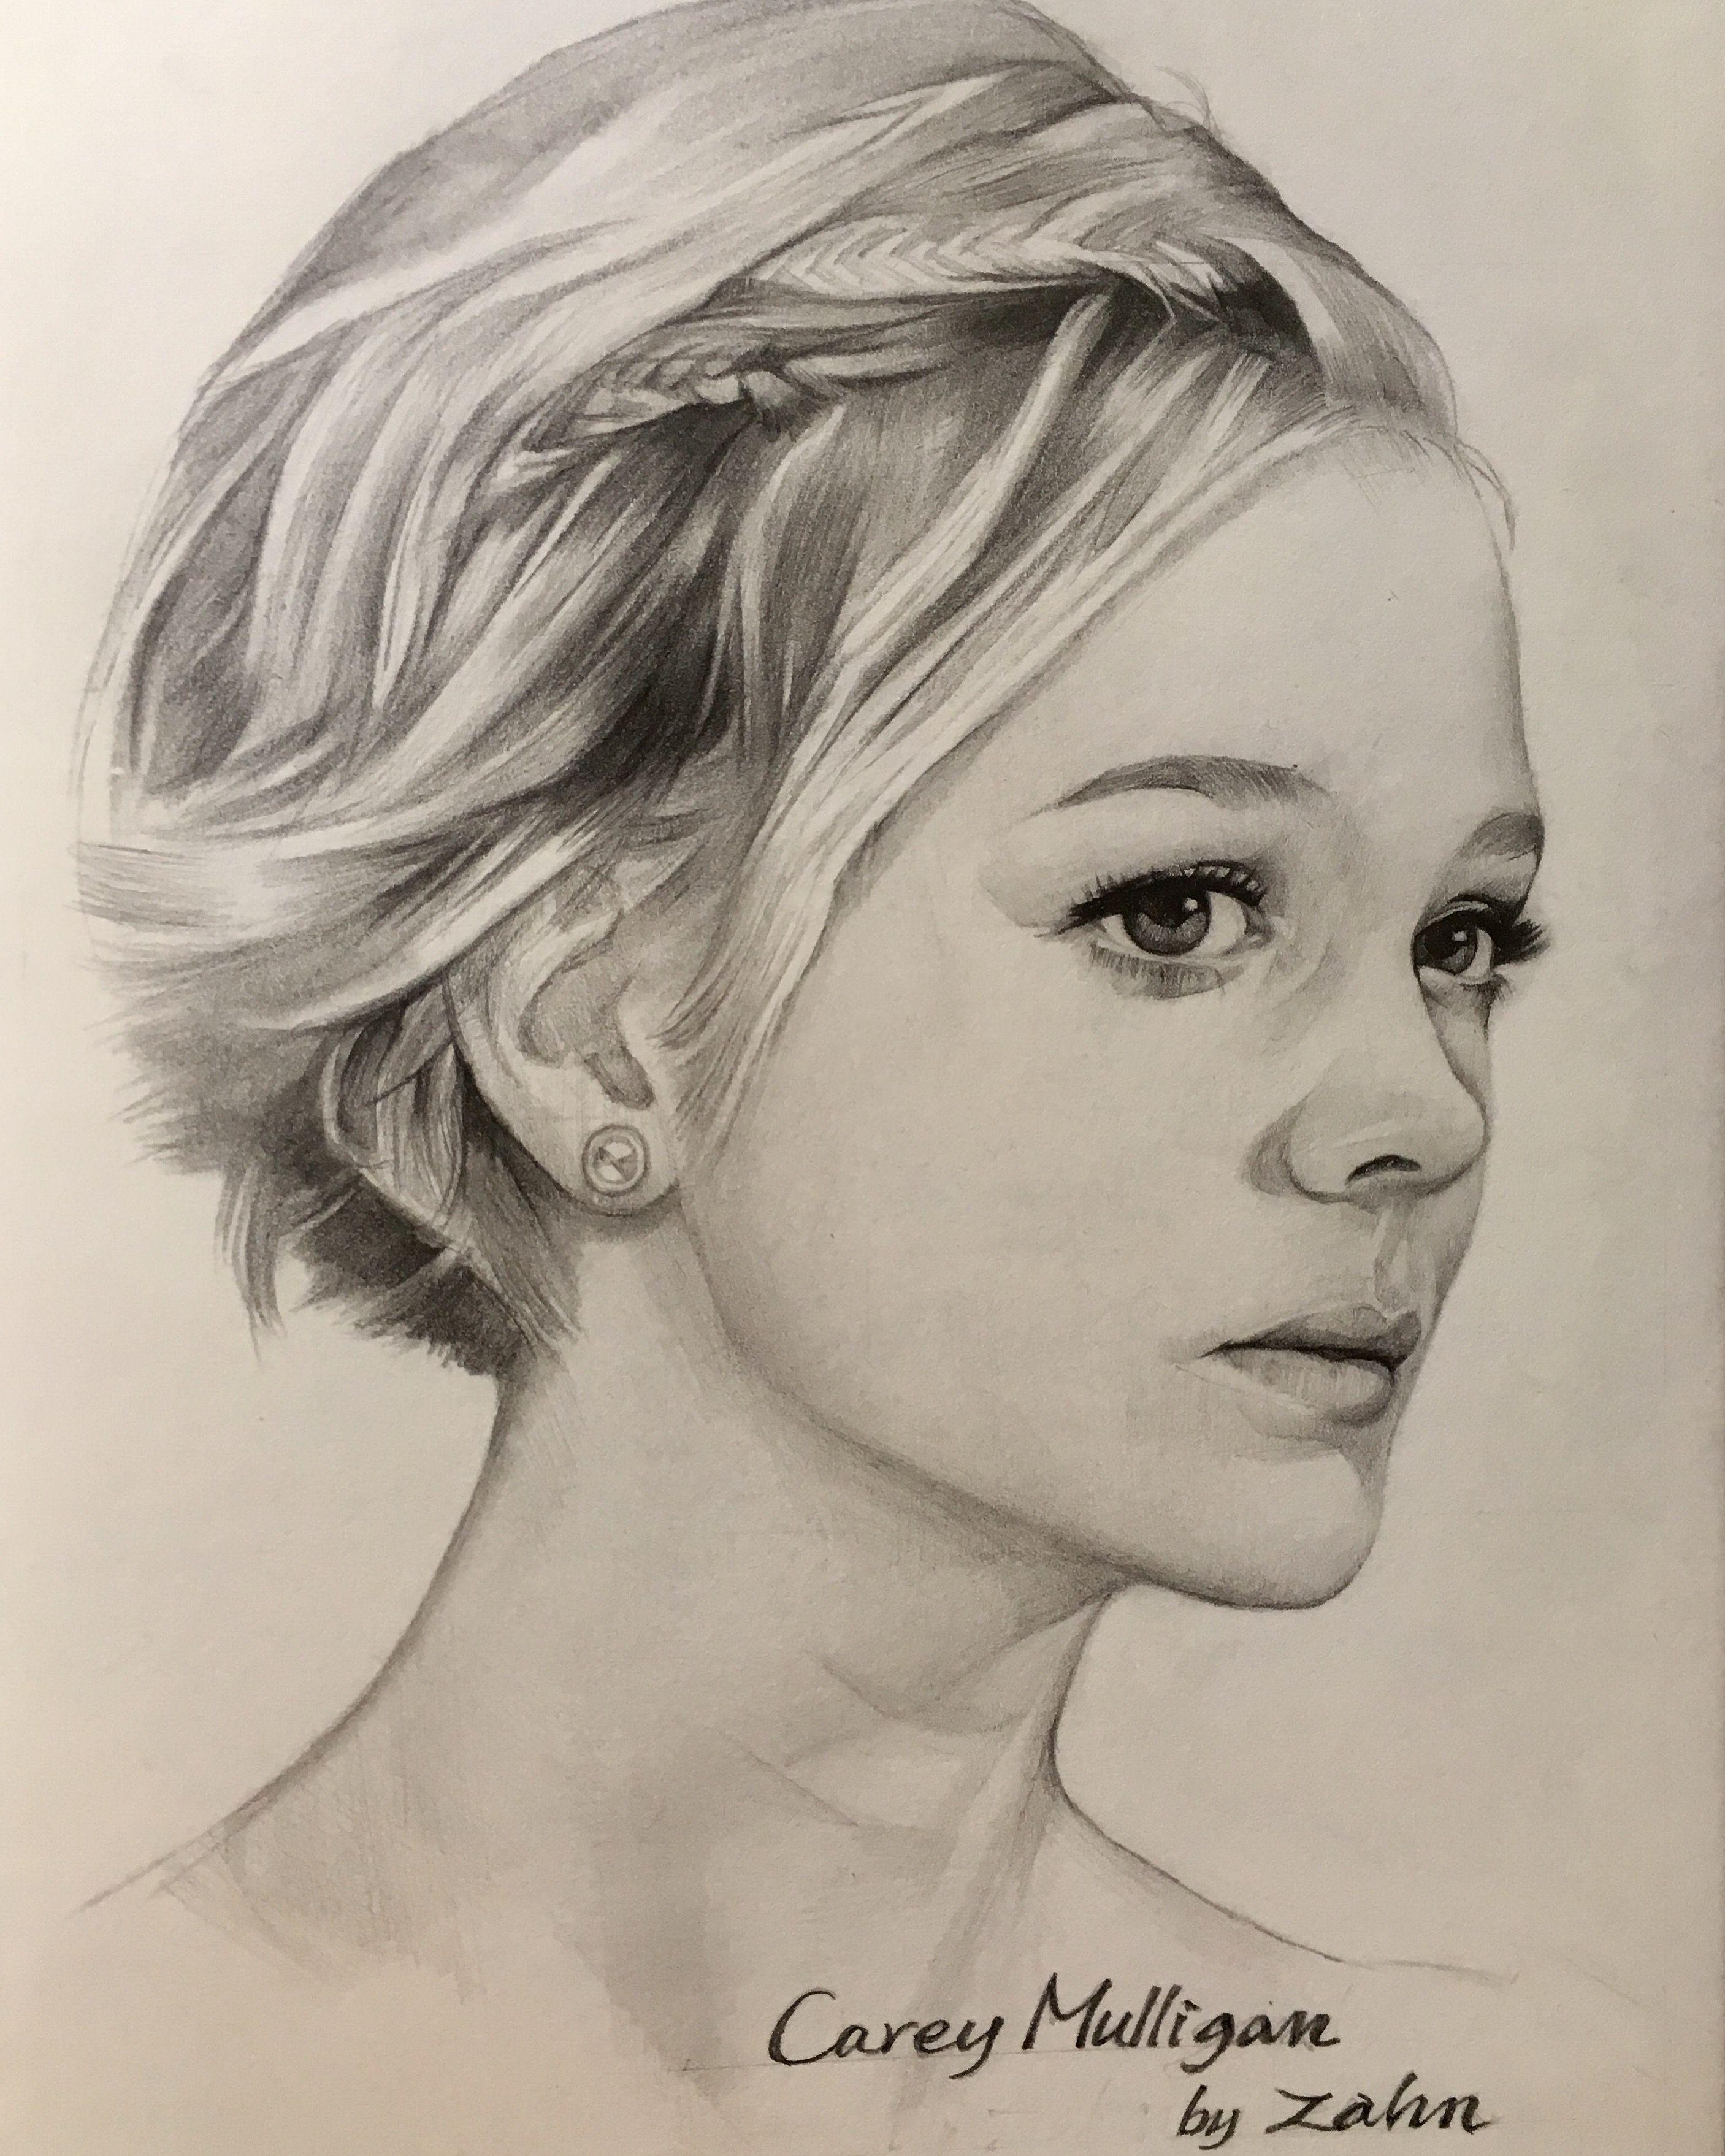 Carey Mulligan pencil drawing by zahn k Draw sketch